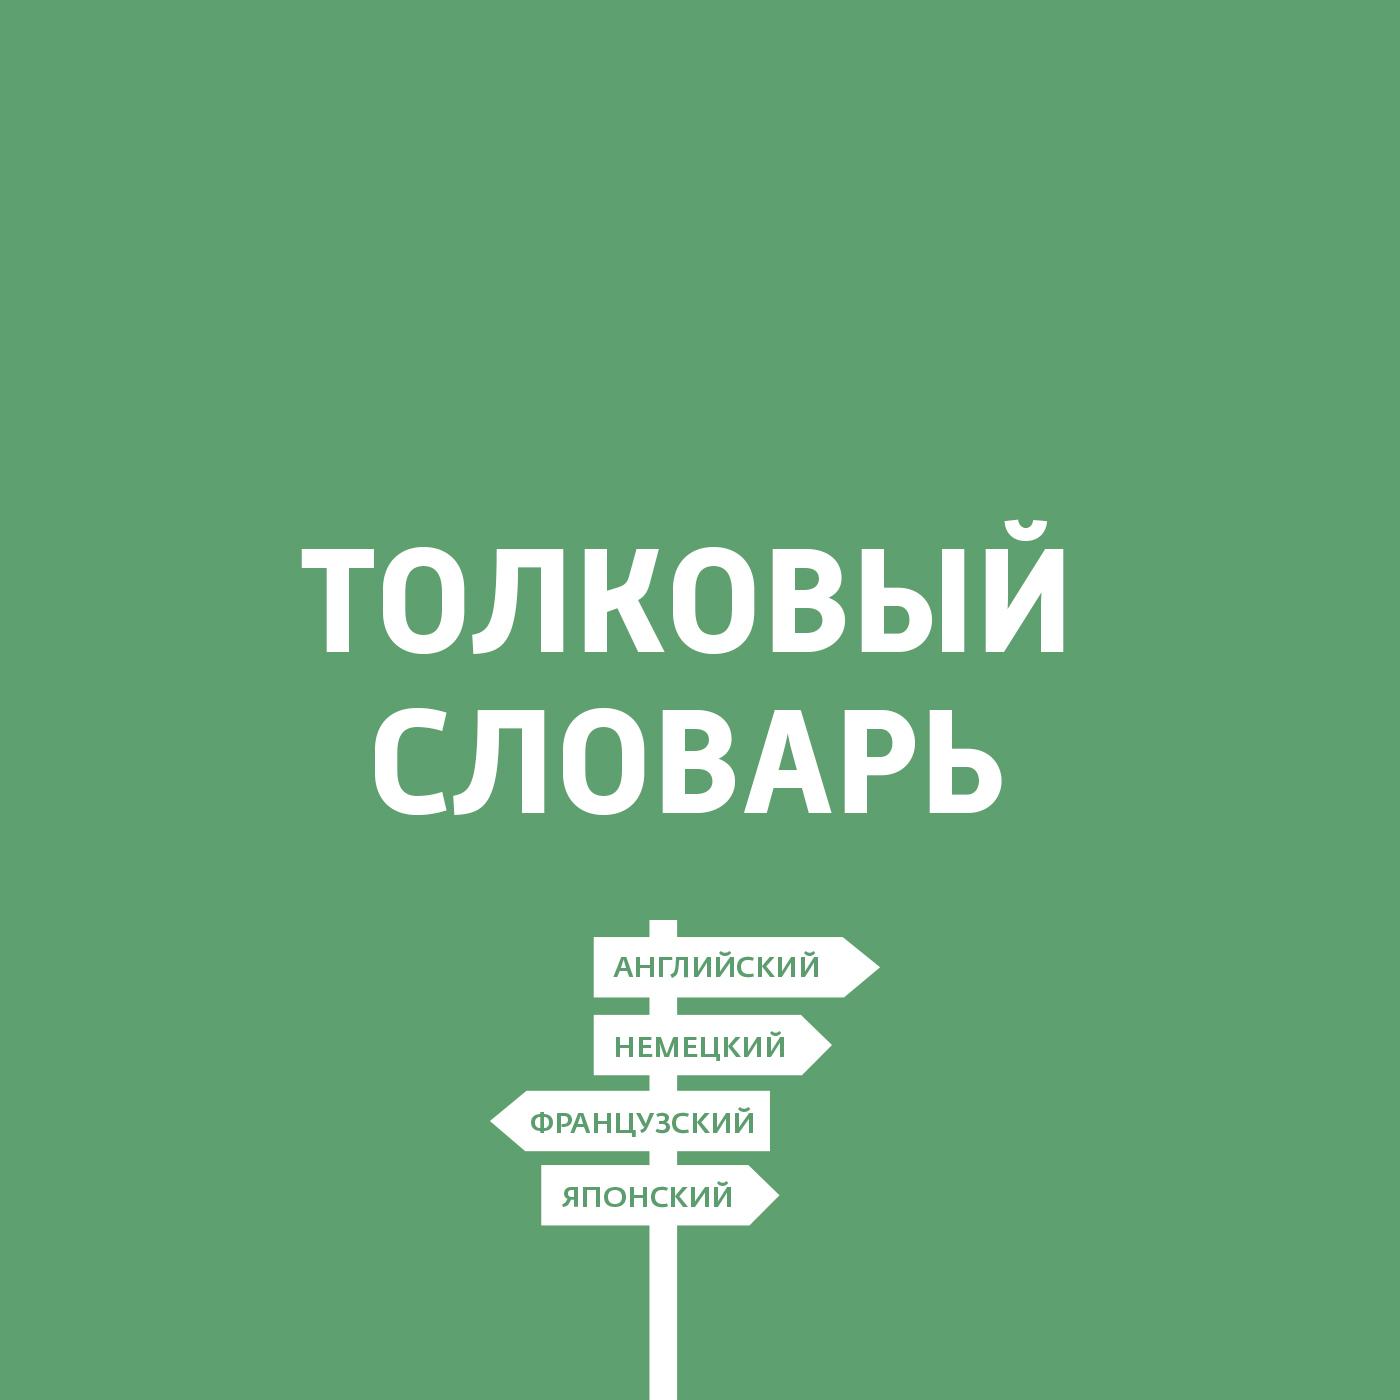 Дмитрий Петров Как выучить иностранный язык